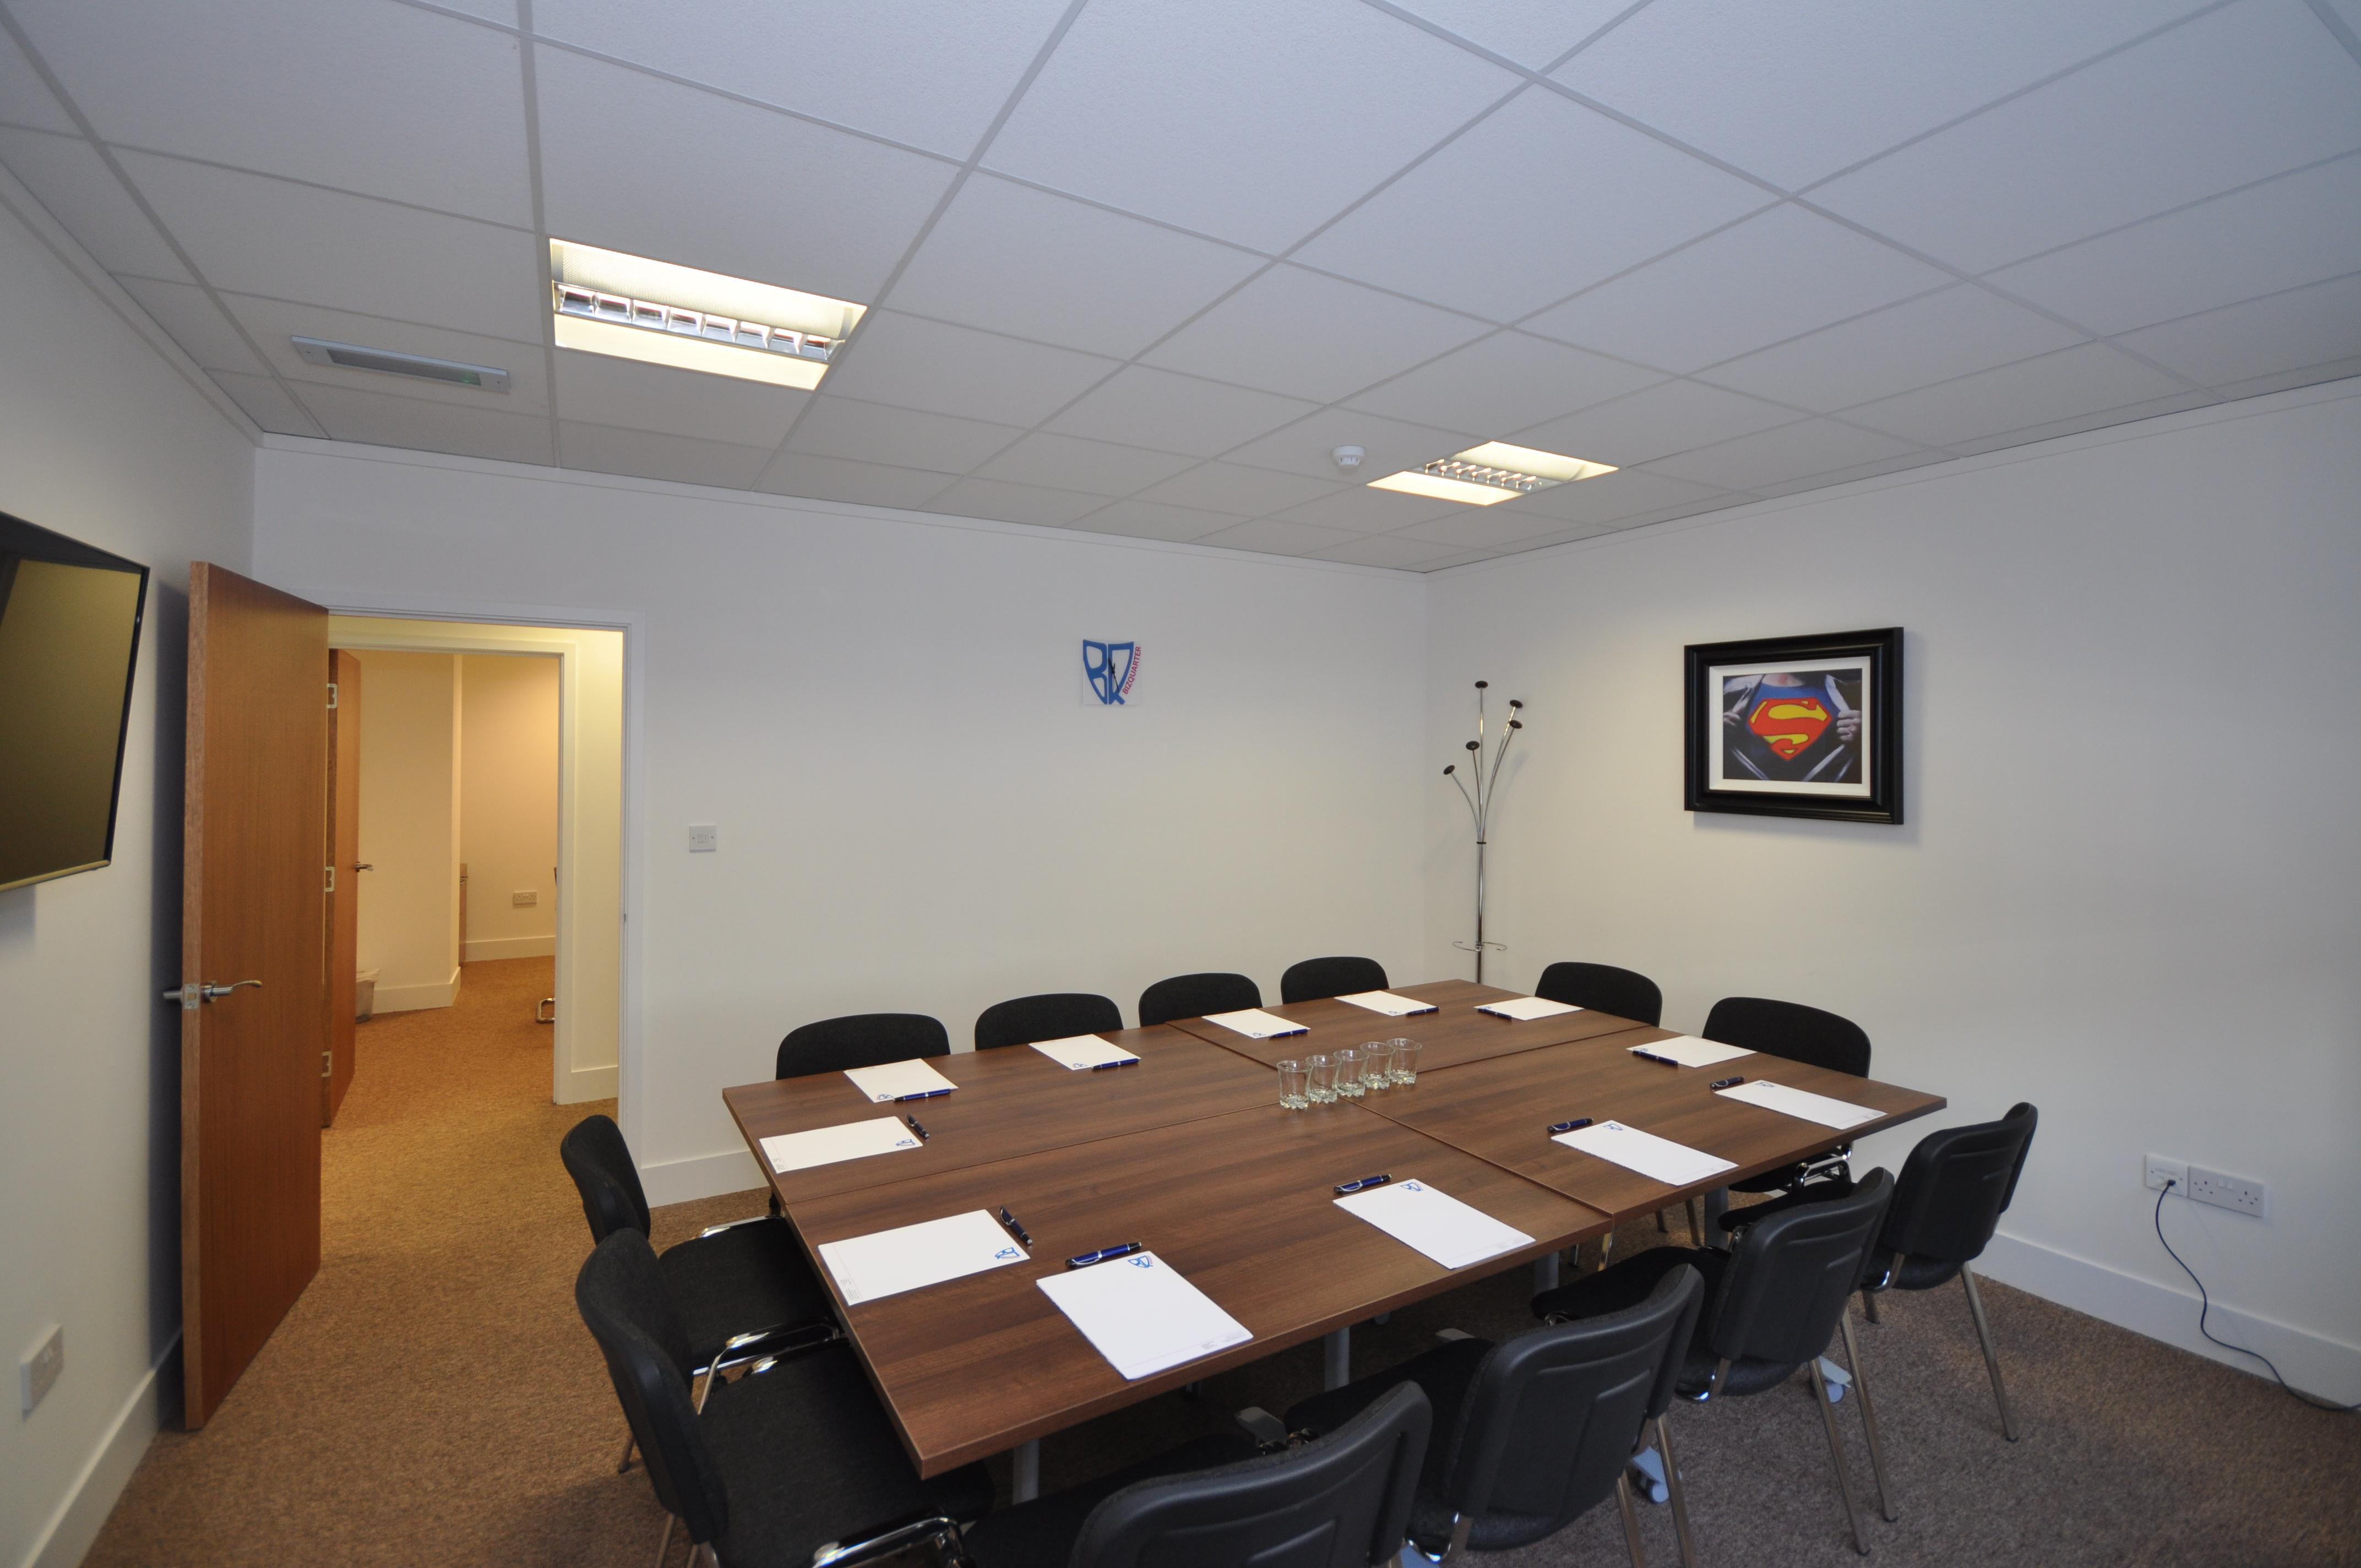 It Room: Training Room